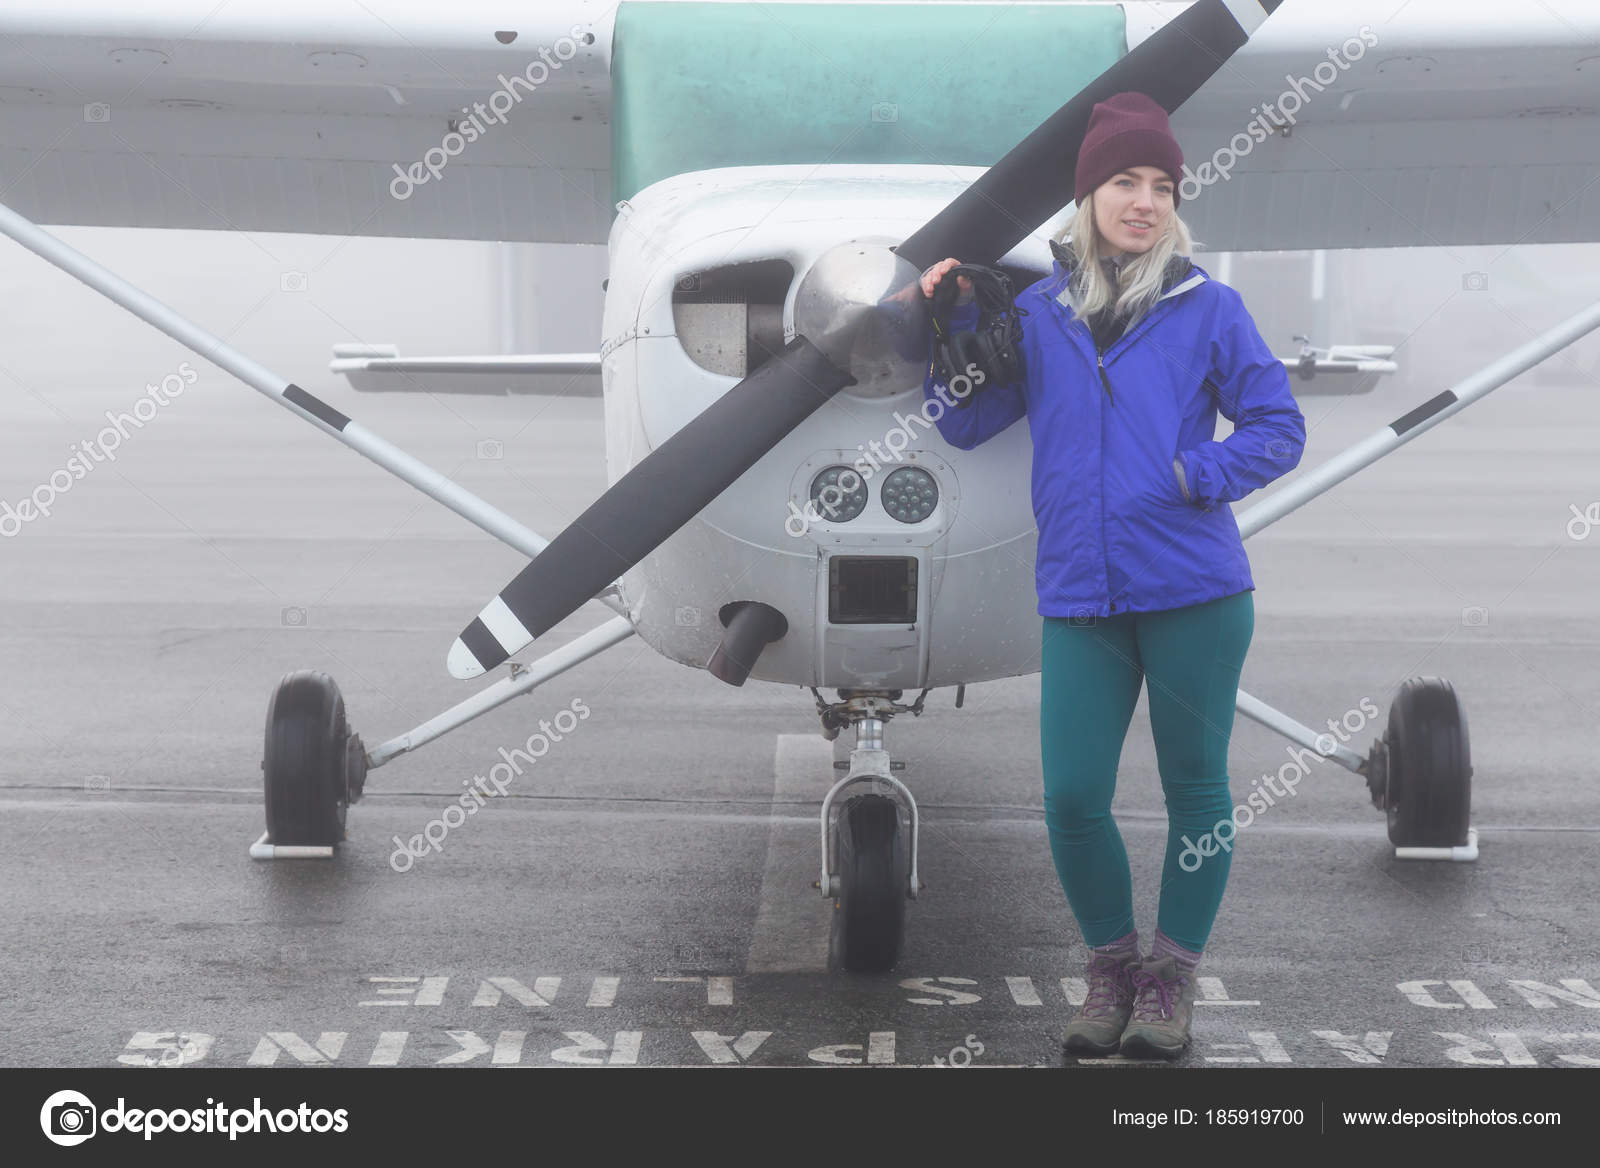 94a7c376c68 Mladý Student Pilot Kavkazský ženské stojí před jediného motoru letadla na  letišti. Během mlhavé zimní ráno v Pitt Meadows